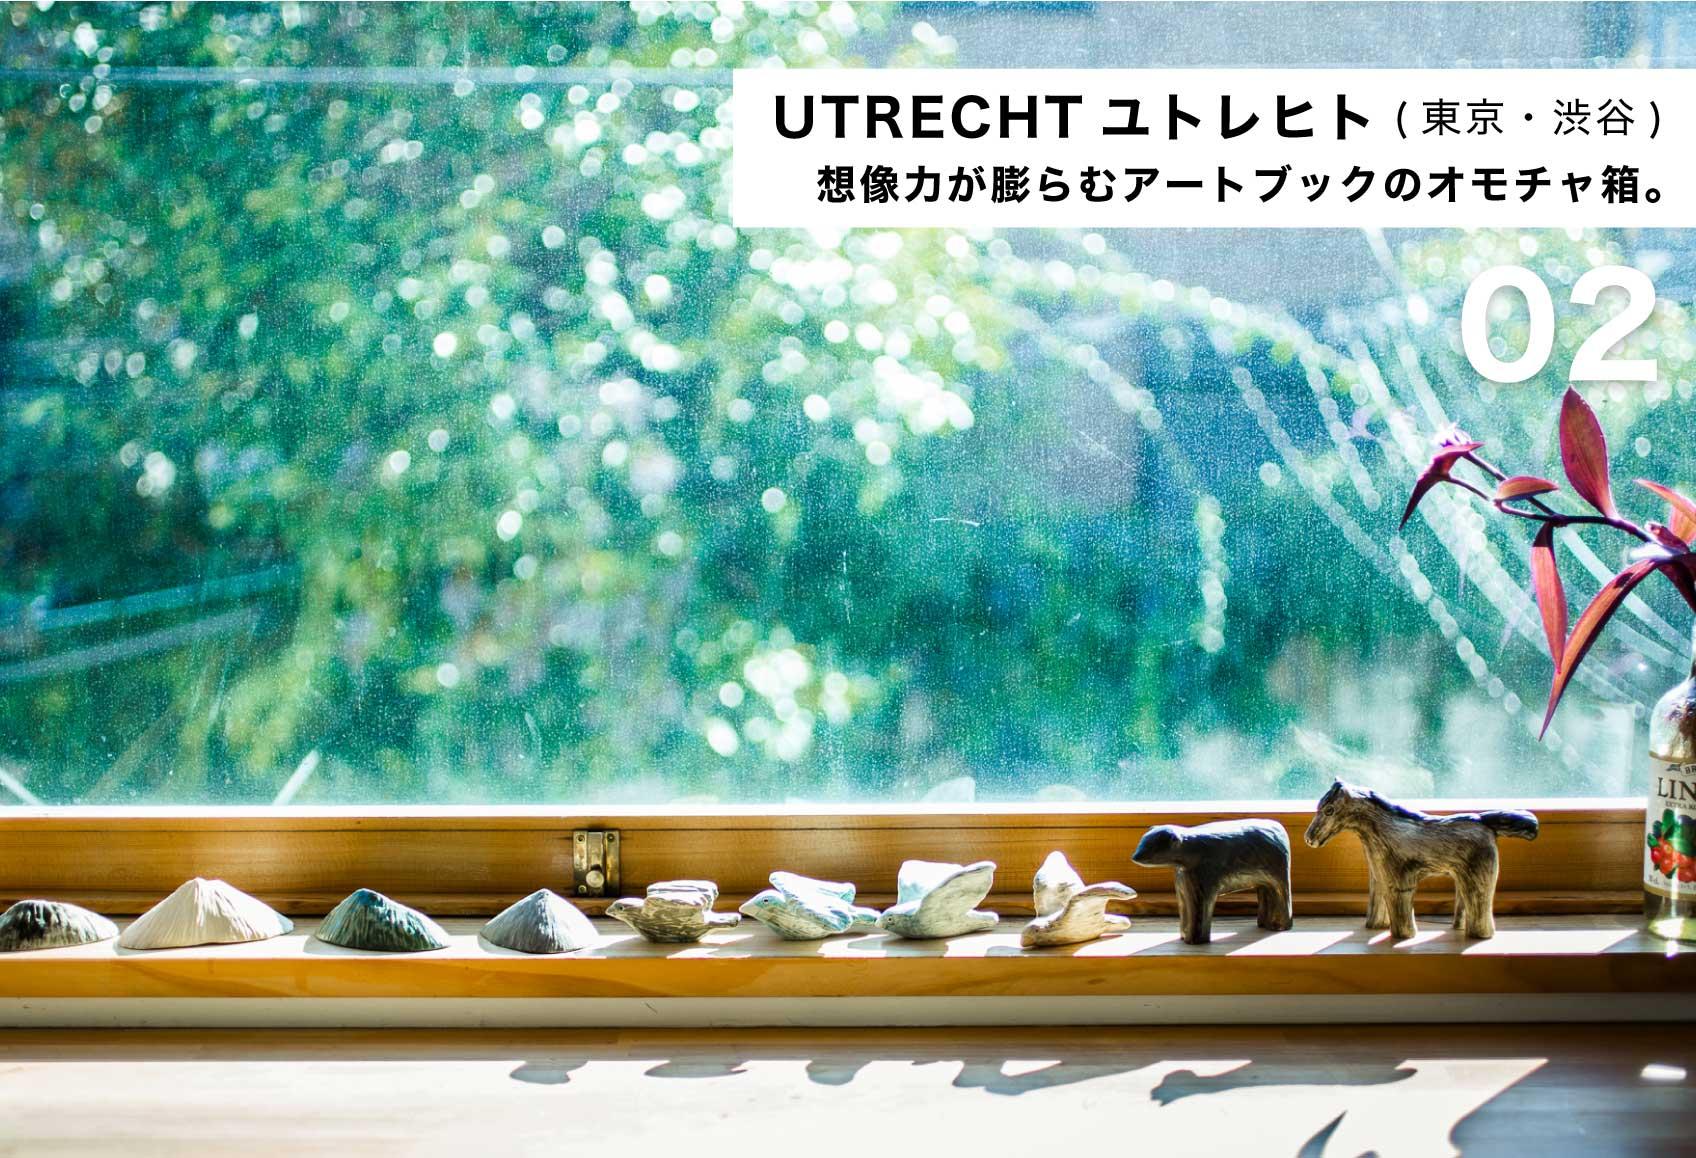 02 UTRECHT 渋谷・東京